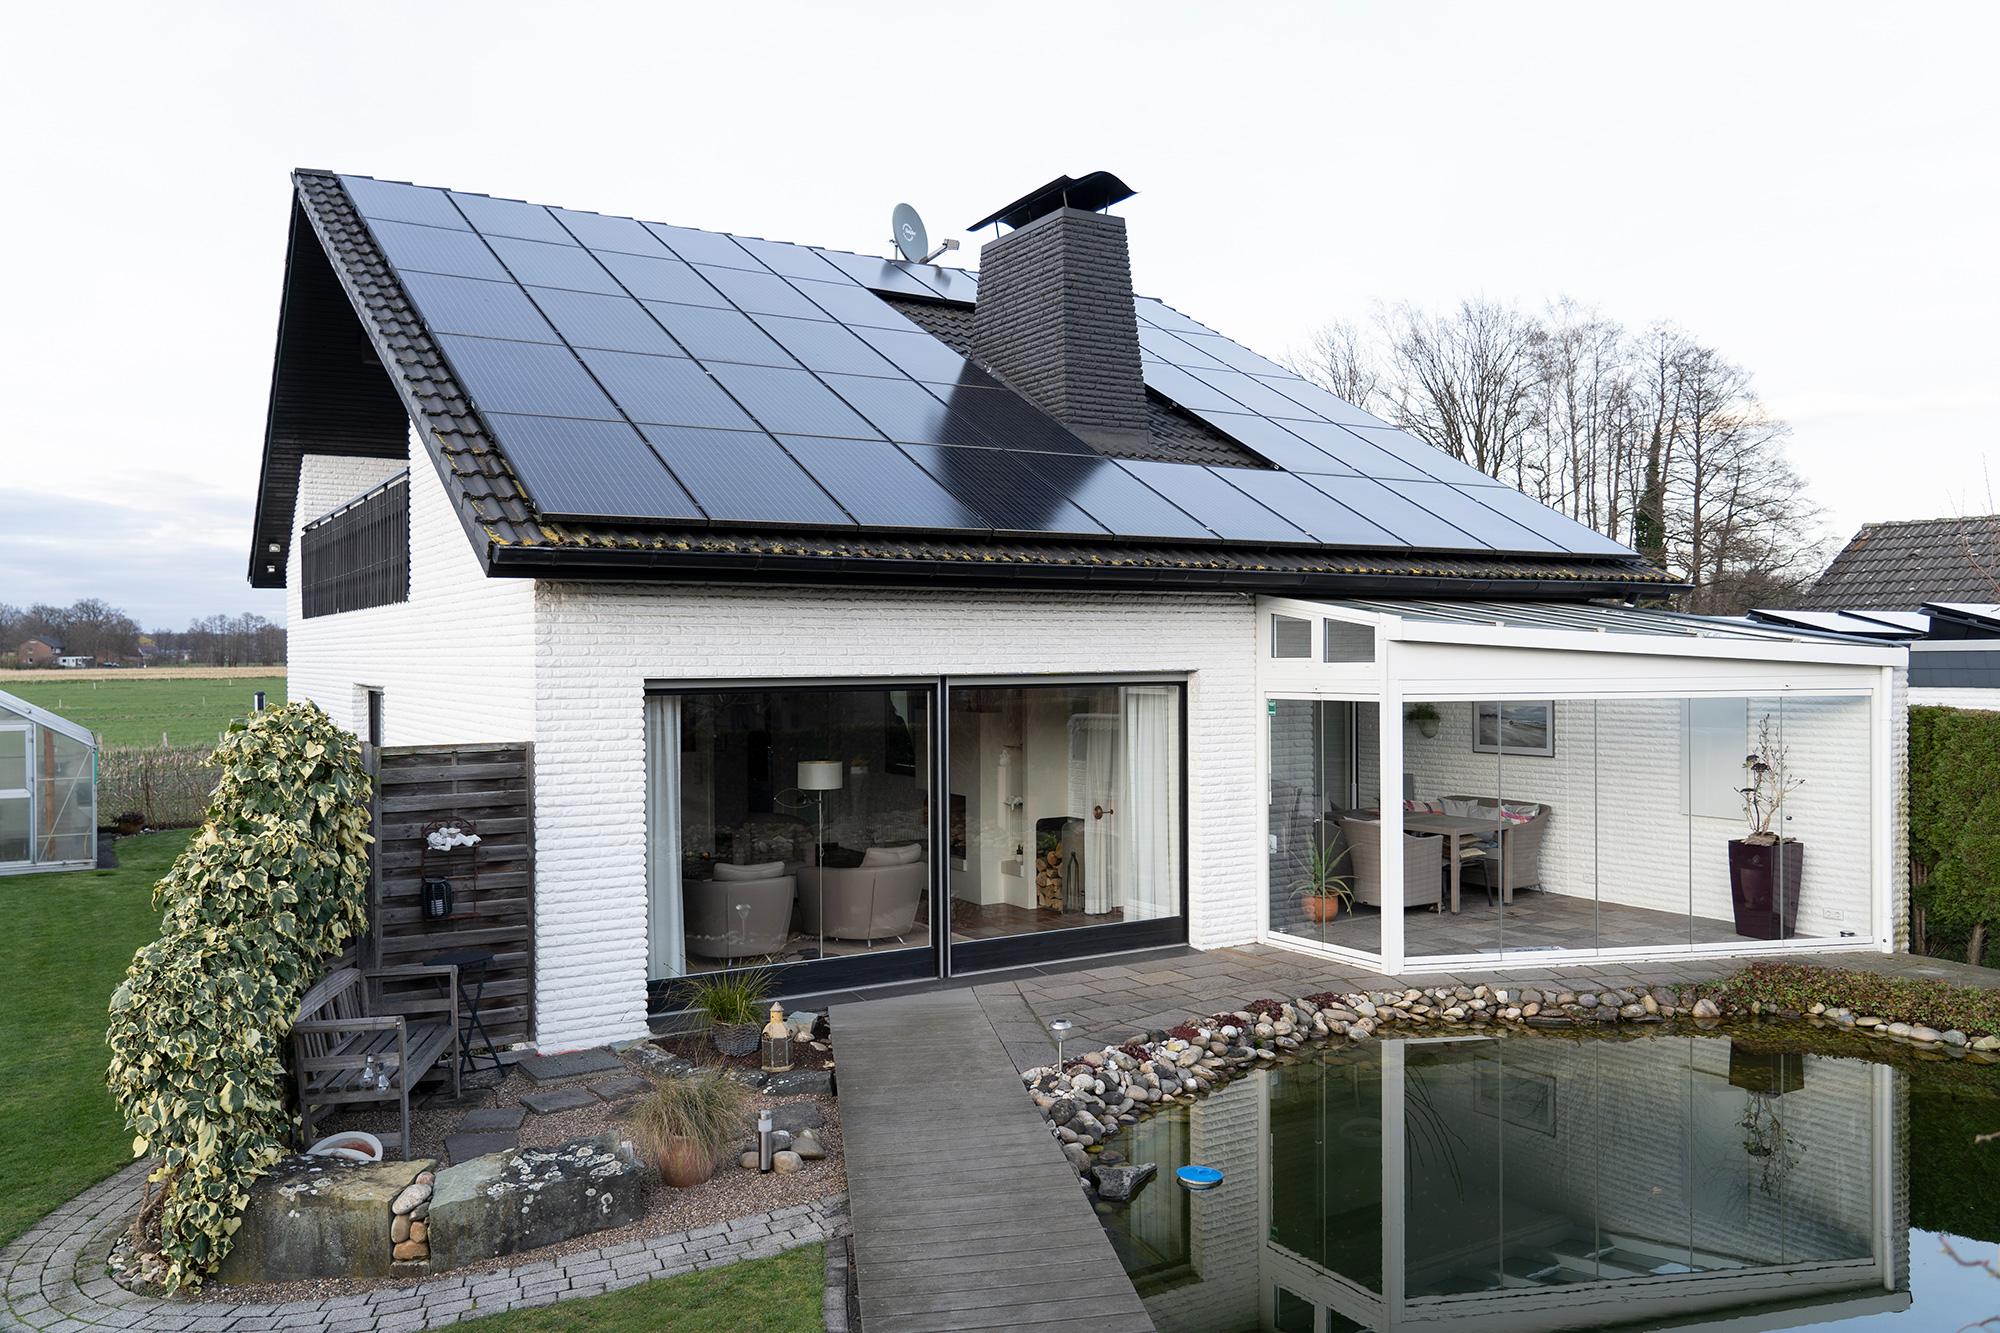 Infrarot Heizpaneele Erfahrung zu Kosten + Stromverbrauch im Einfamilienhaus